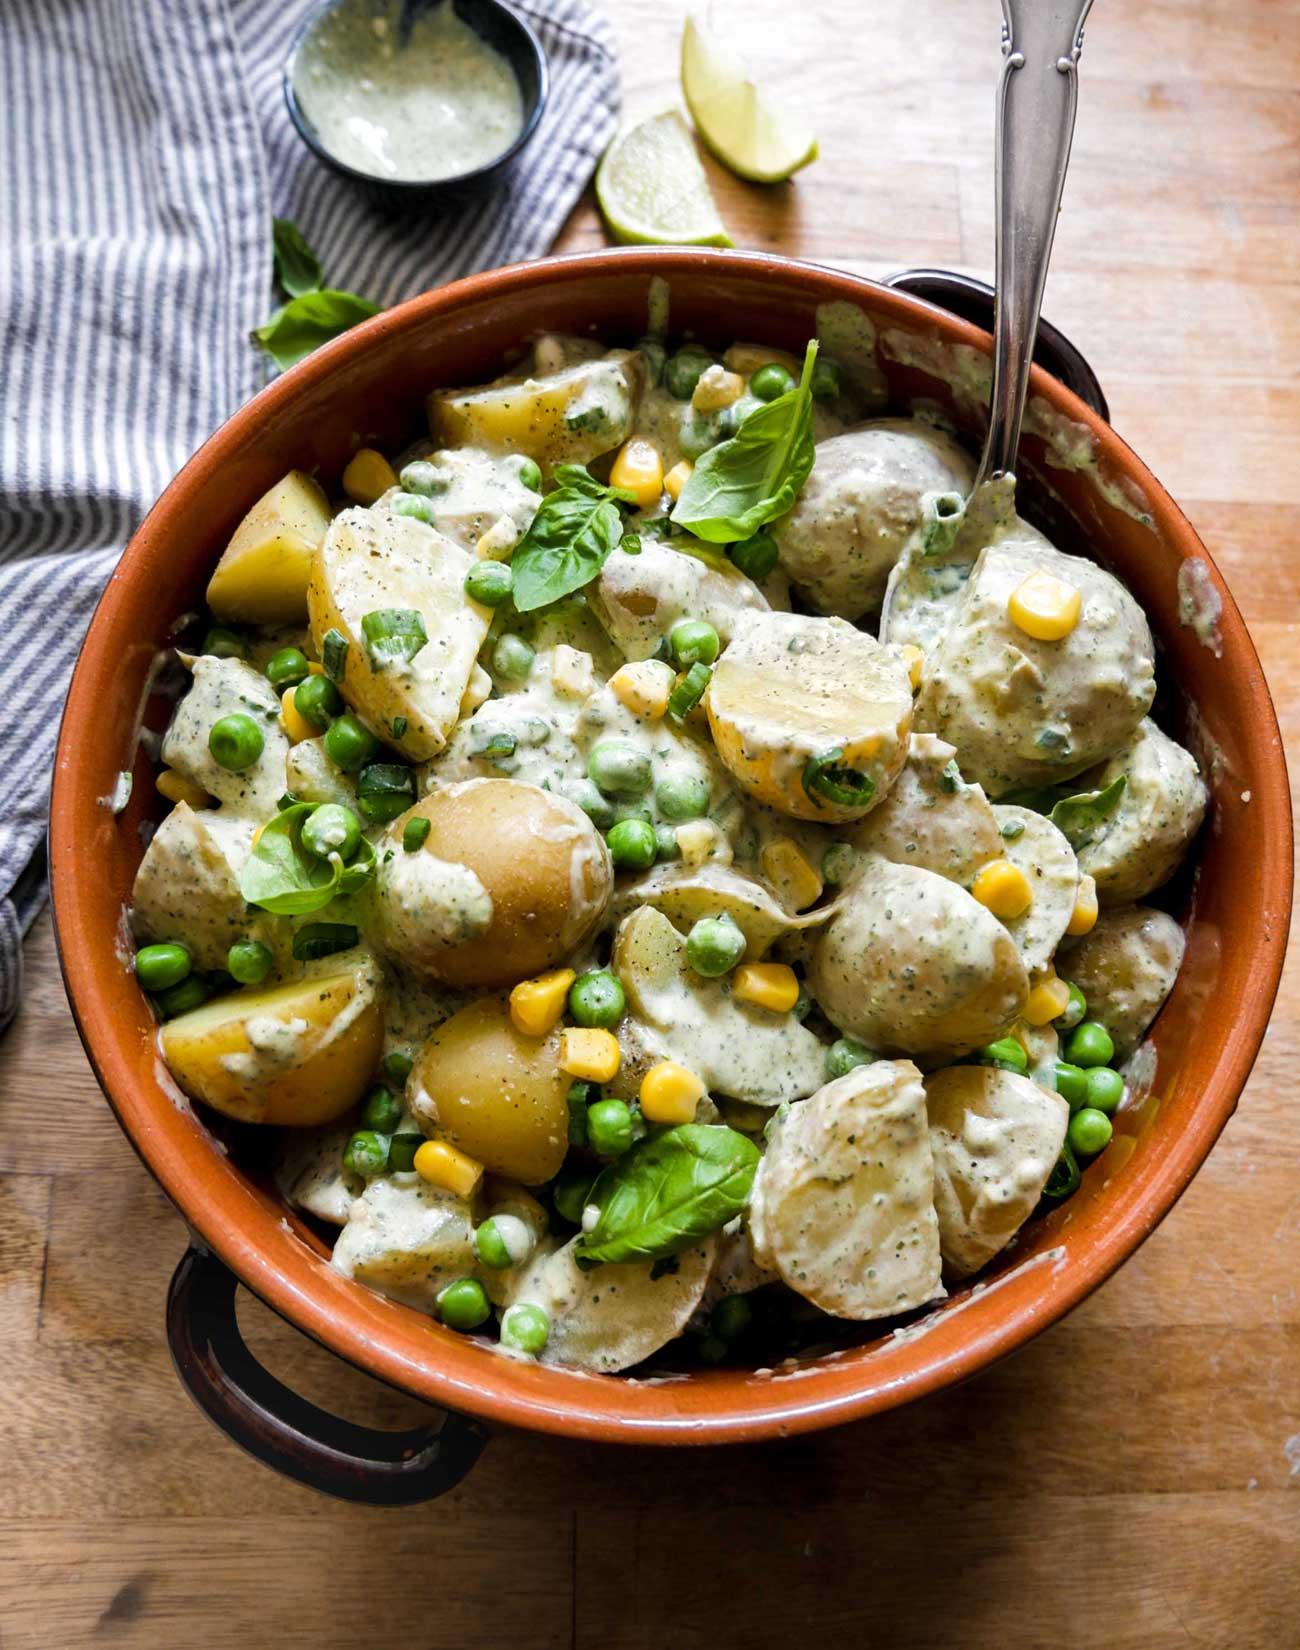 kartoffelsalat-med-pesto-dressing